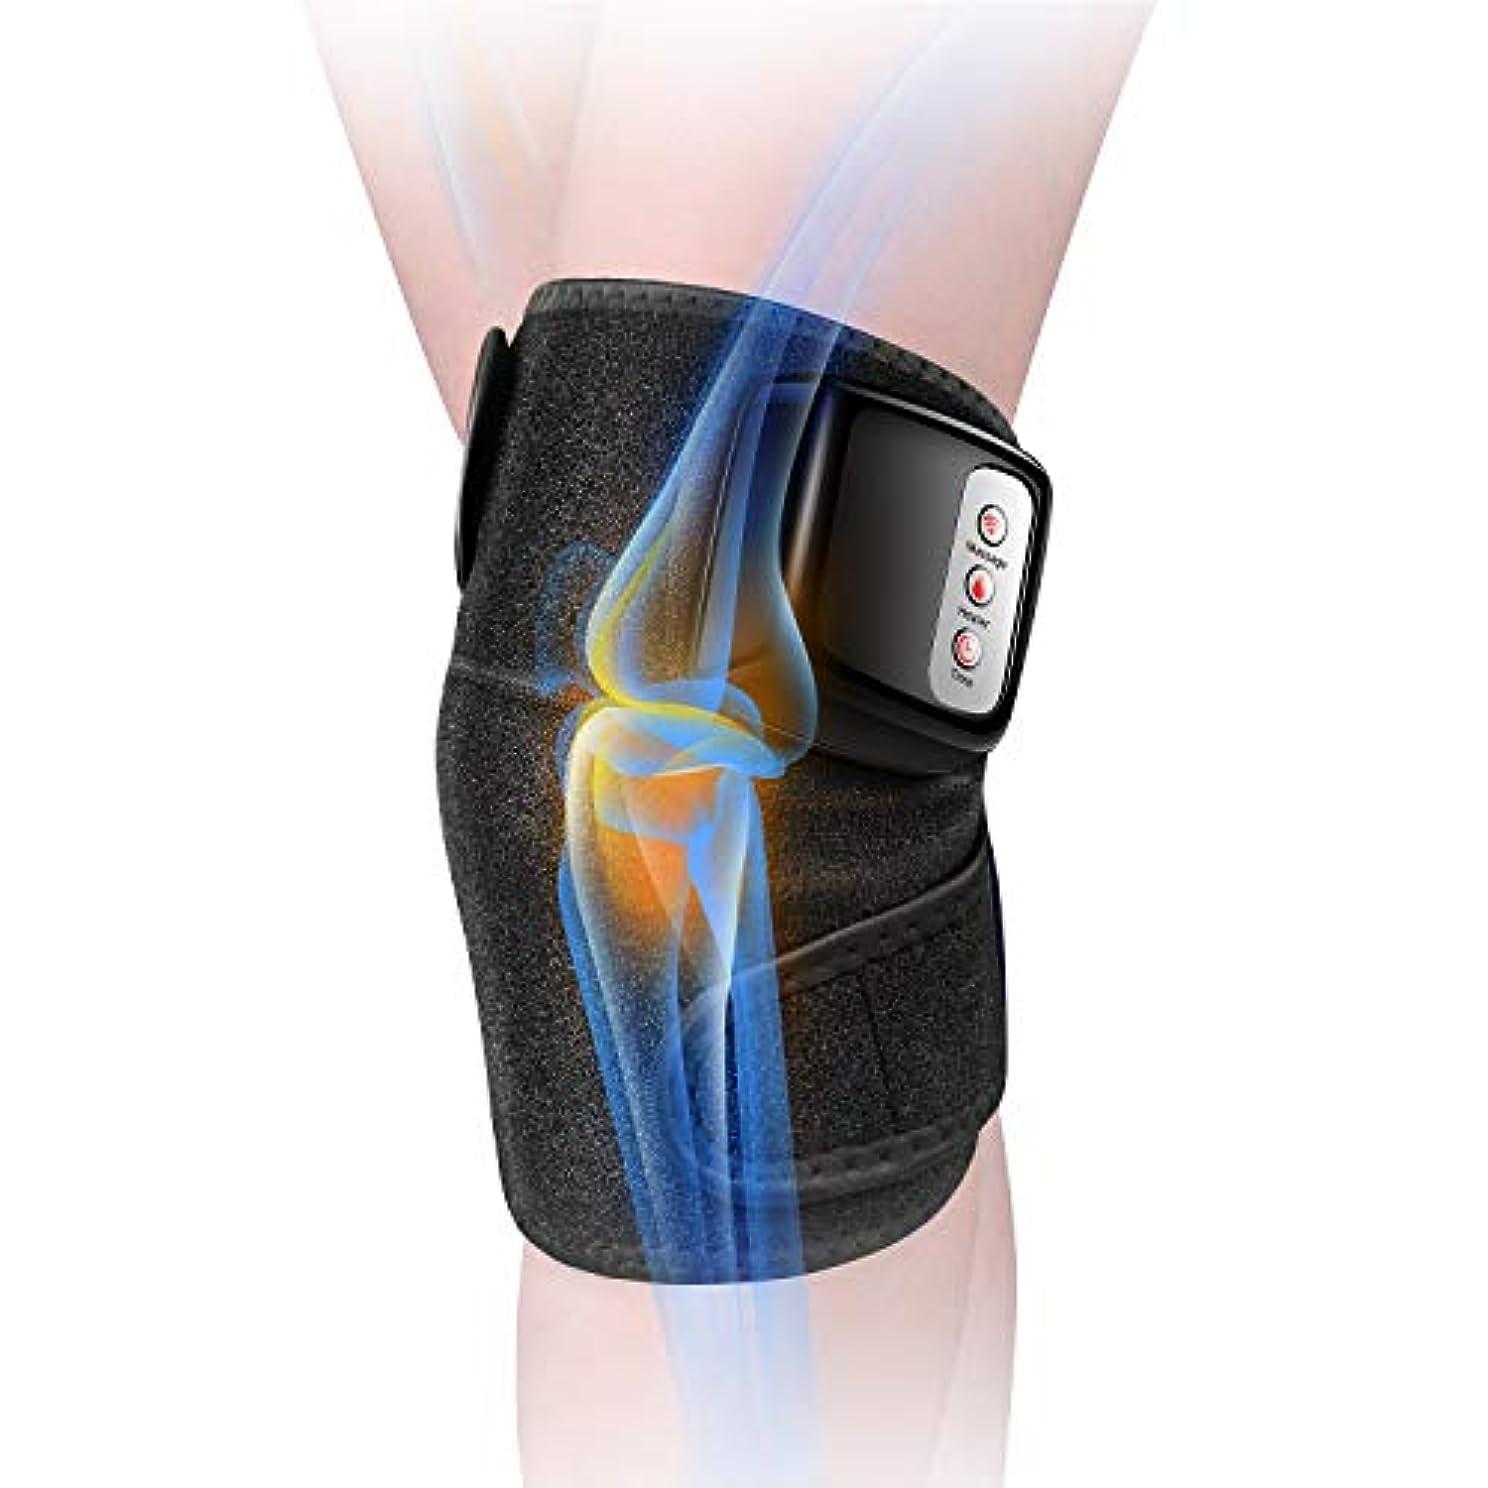 ピグマリオン四回何もない膝マッサージャー 関節マッサージャー マッサージ器 フットマッサージャー 振動 赤外線療法 温熱療法 膝サポーター ストレス解消 肩 太もも/腕対応